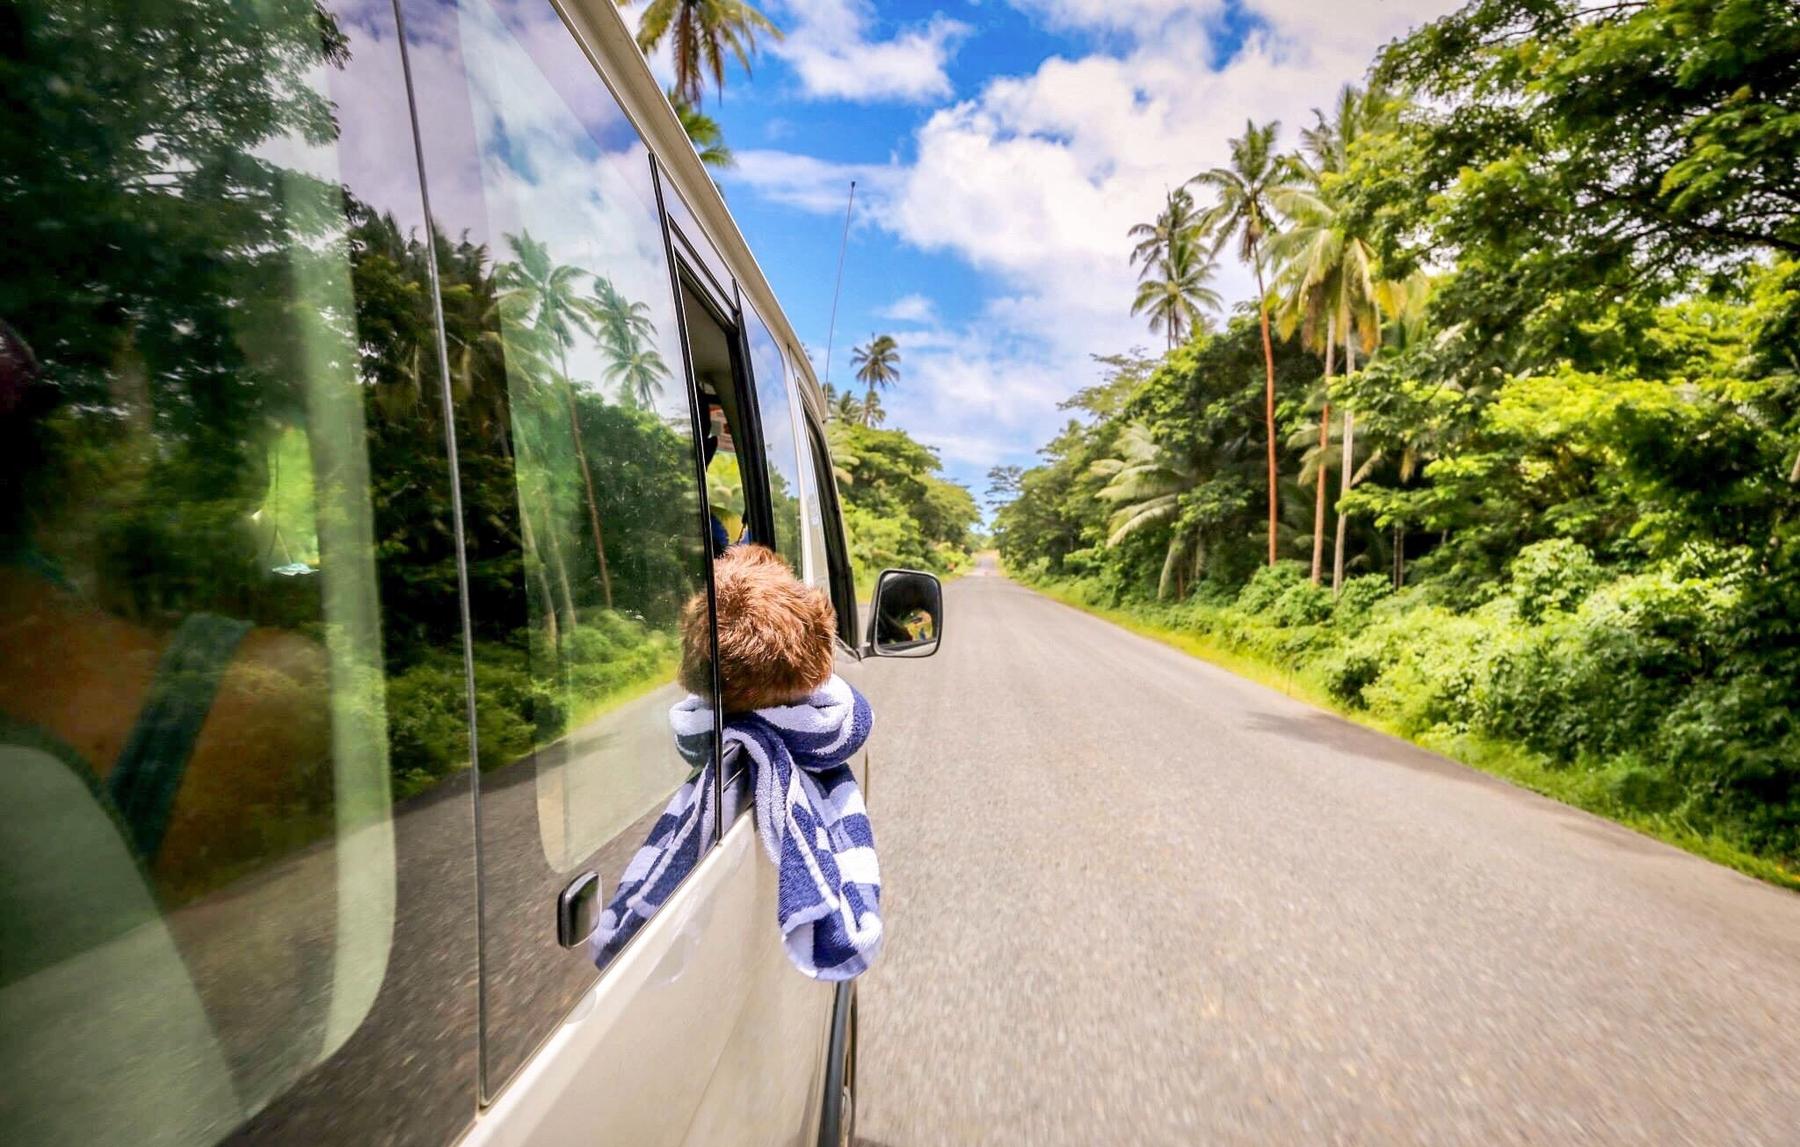 Criança na janela de uma van – é seguro viajar pelo Brasil de carro?